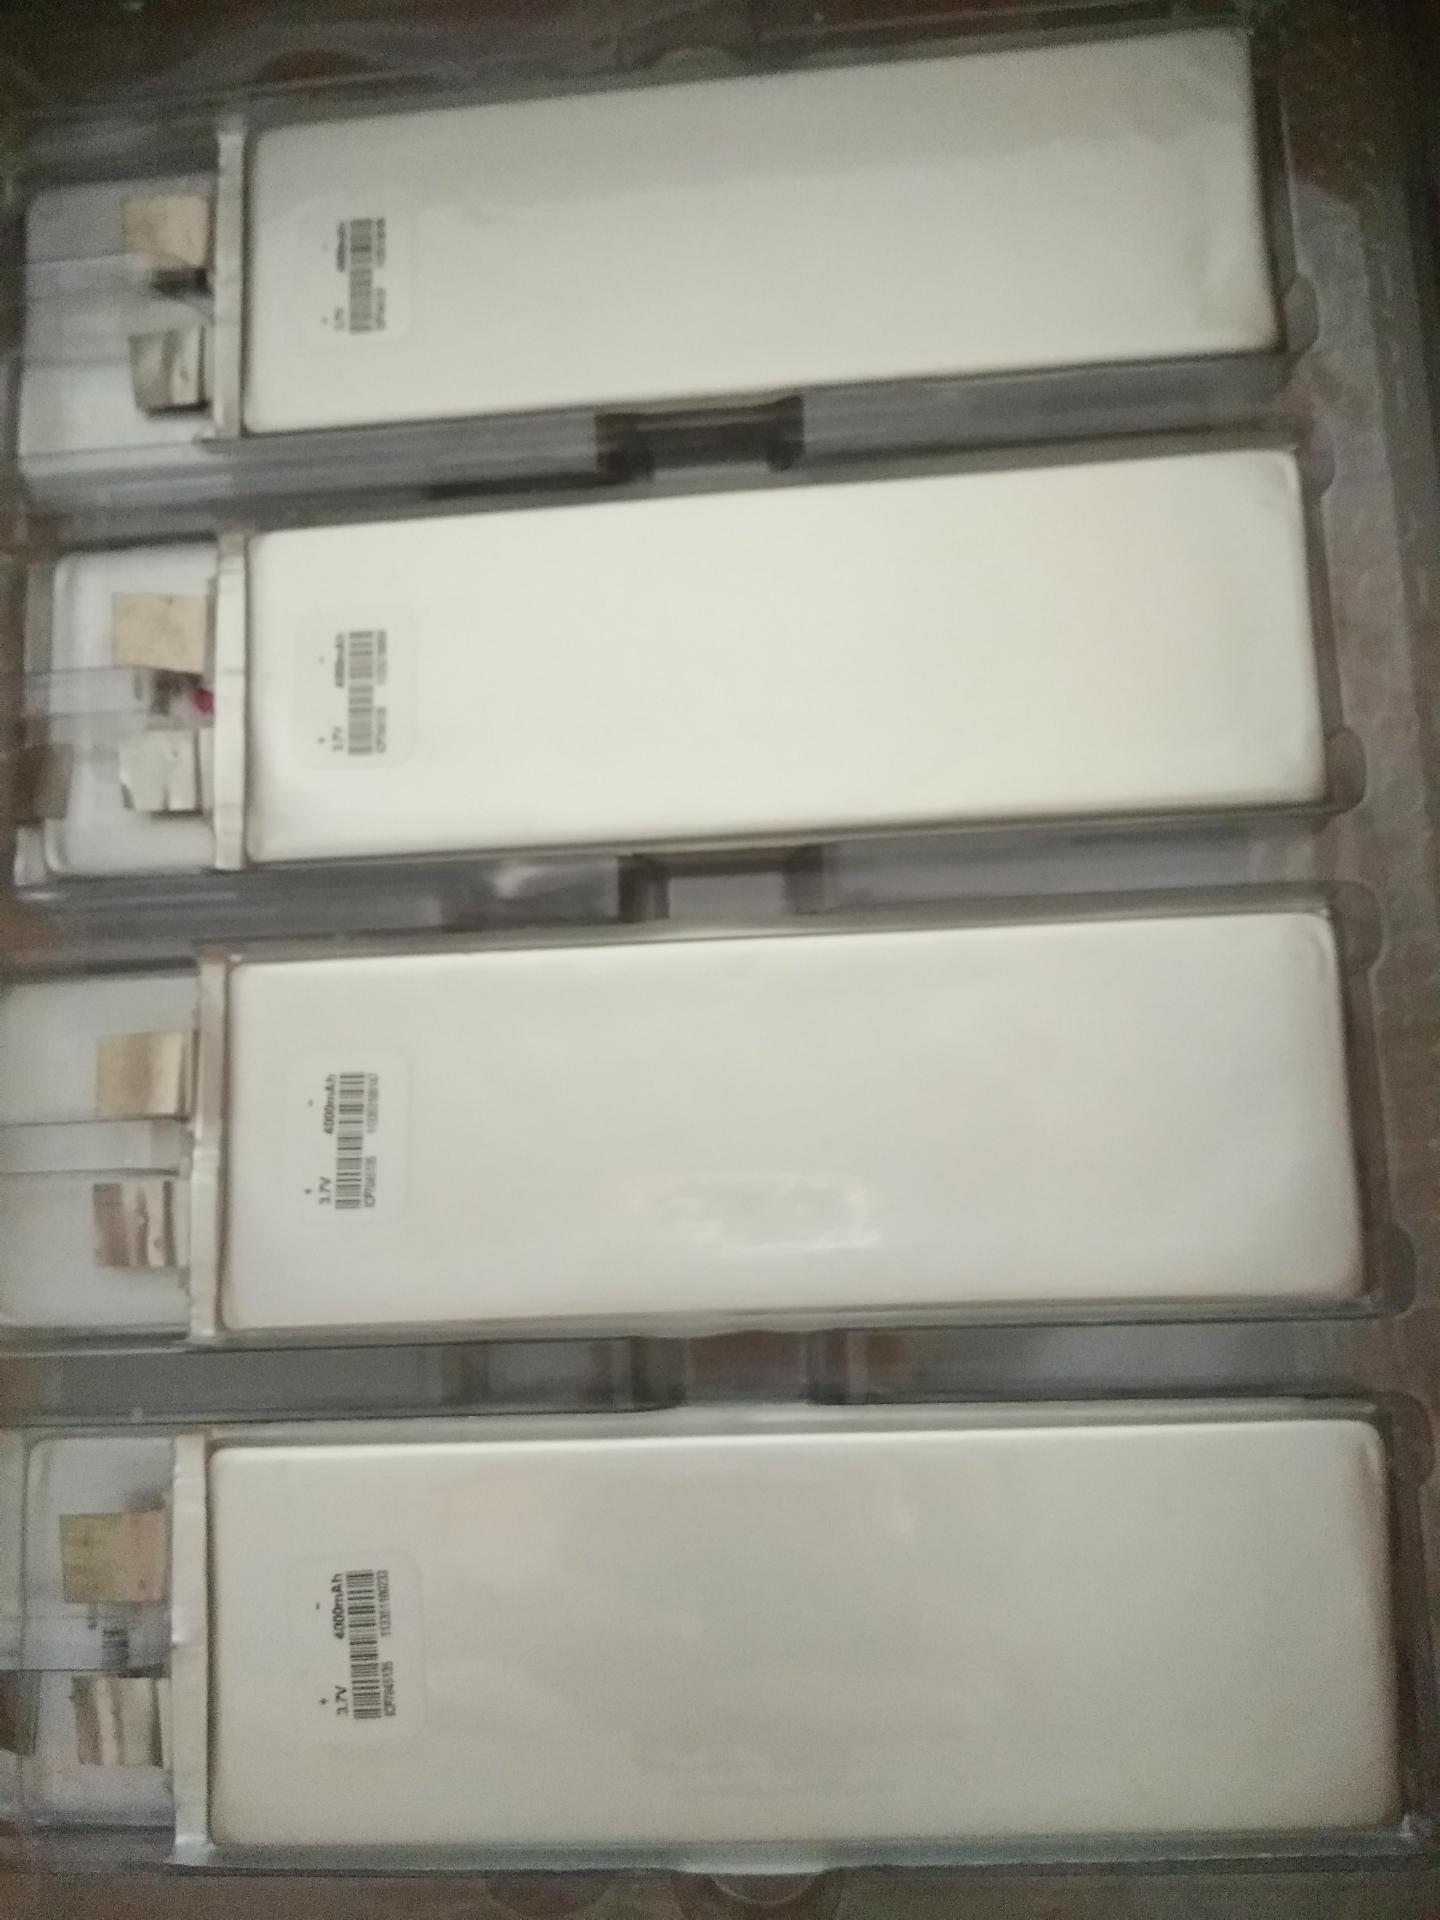 供应高倍率锂电池聚合物动力电池PL7044135-4000mah3.7V15C锂电池